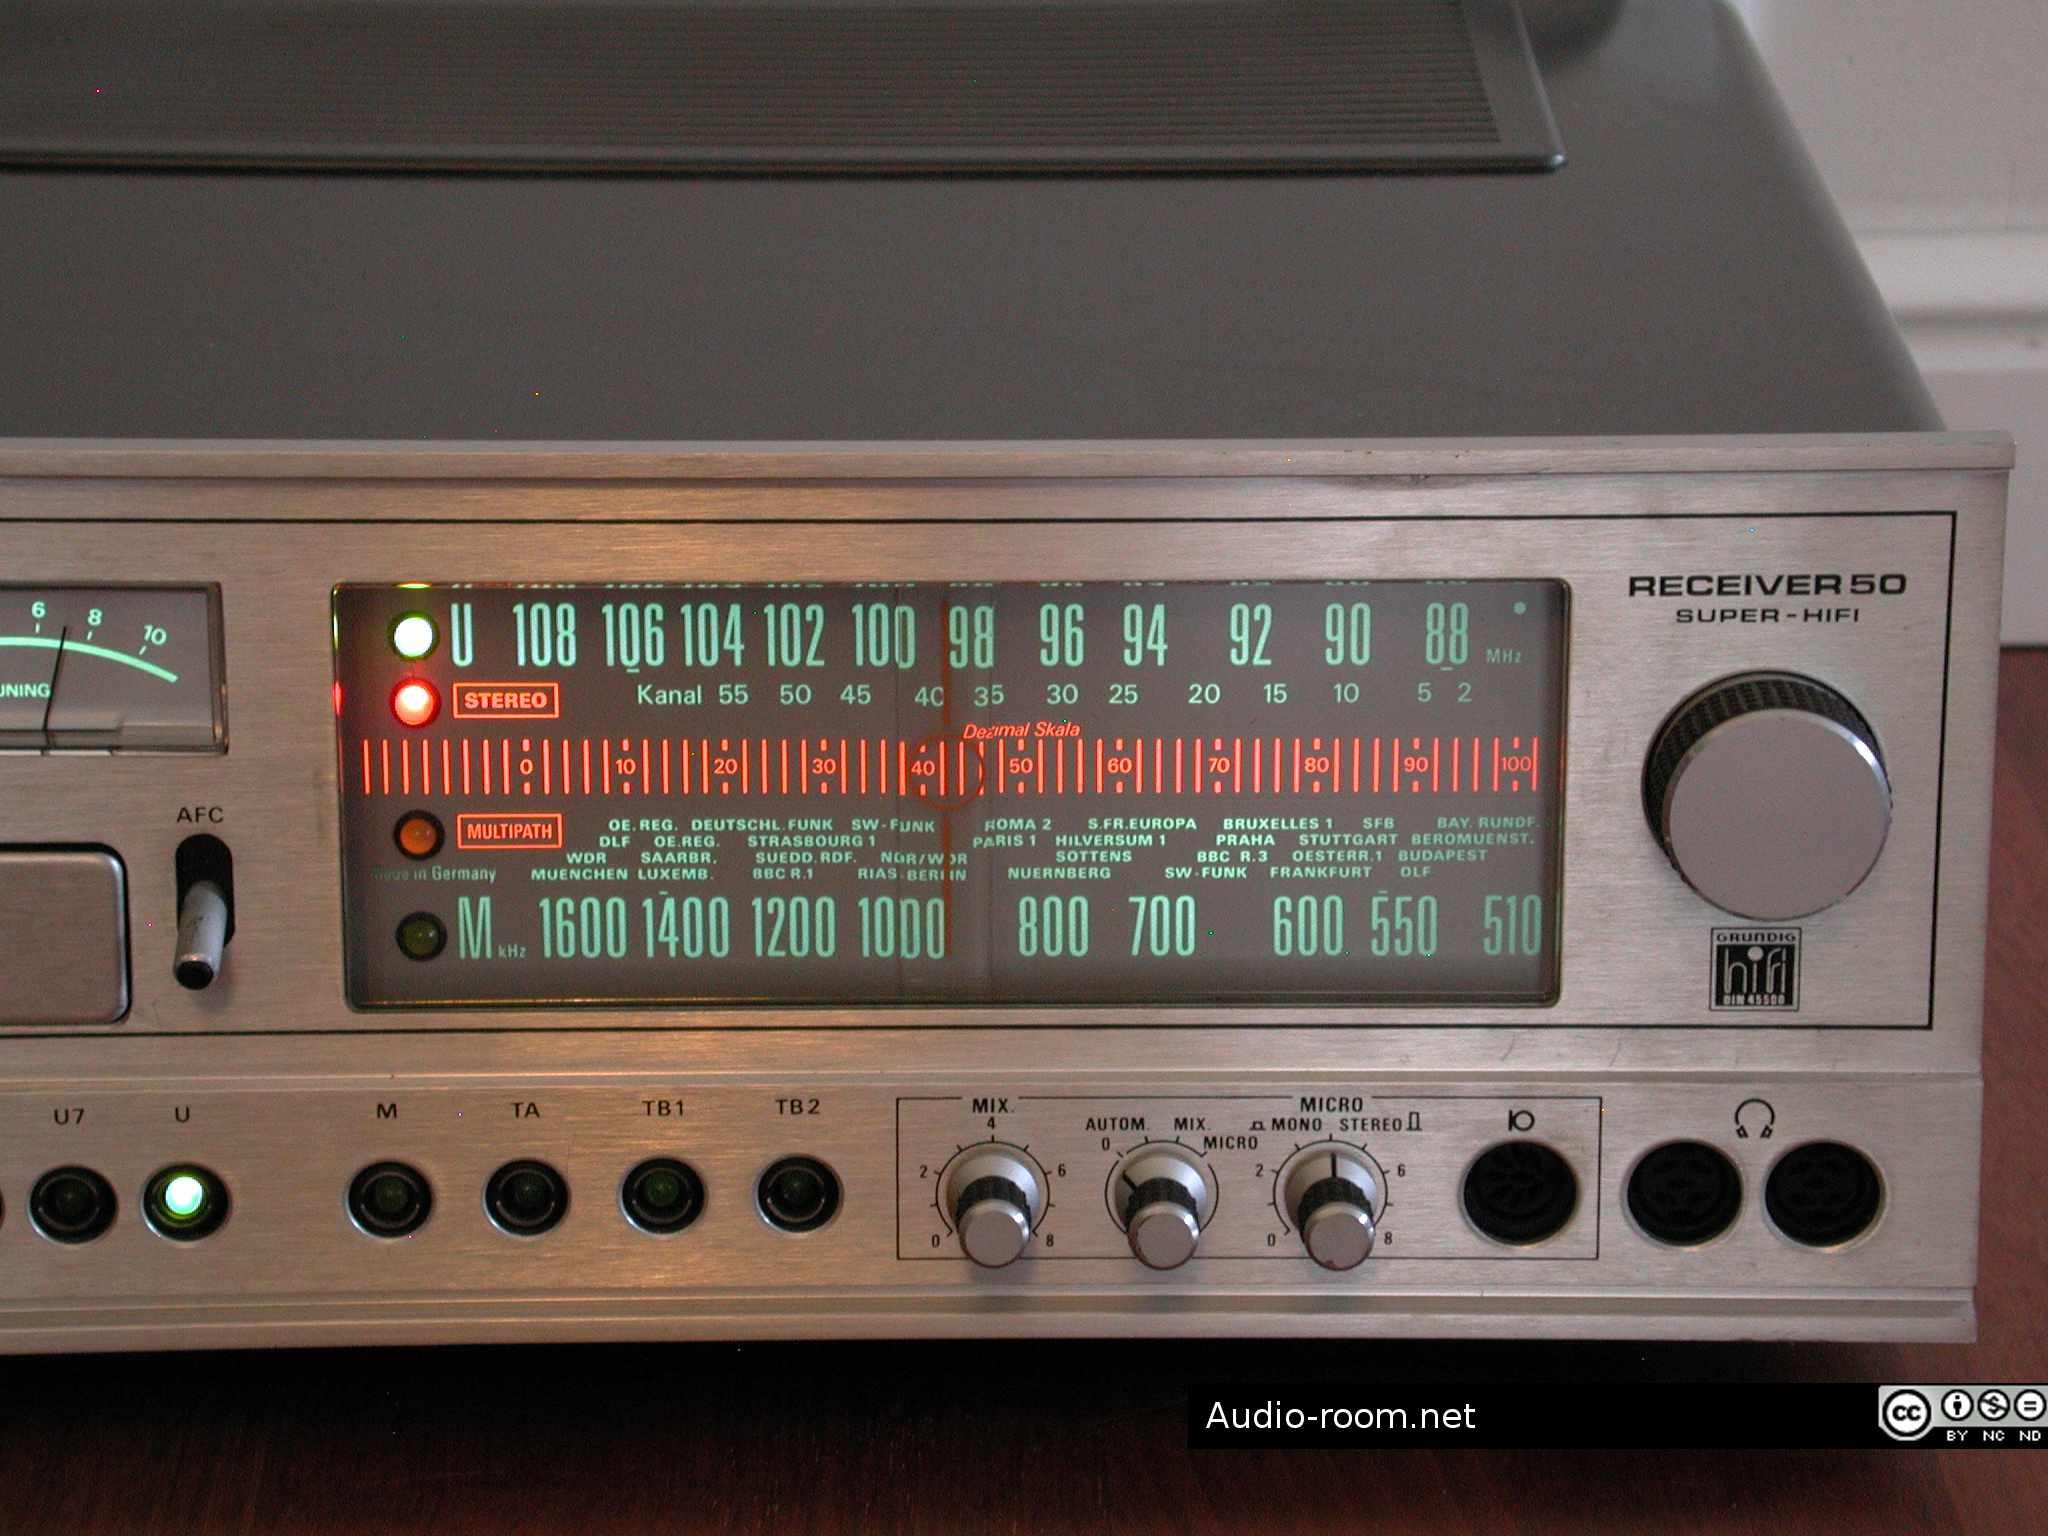 grundig-receiver-50 - dscn3356